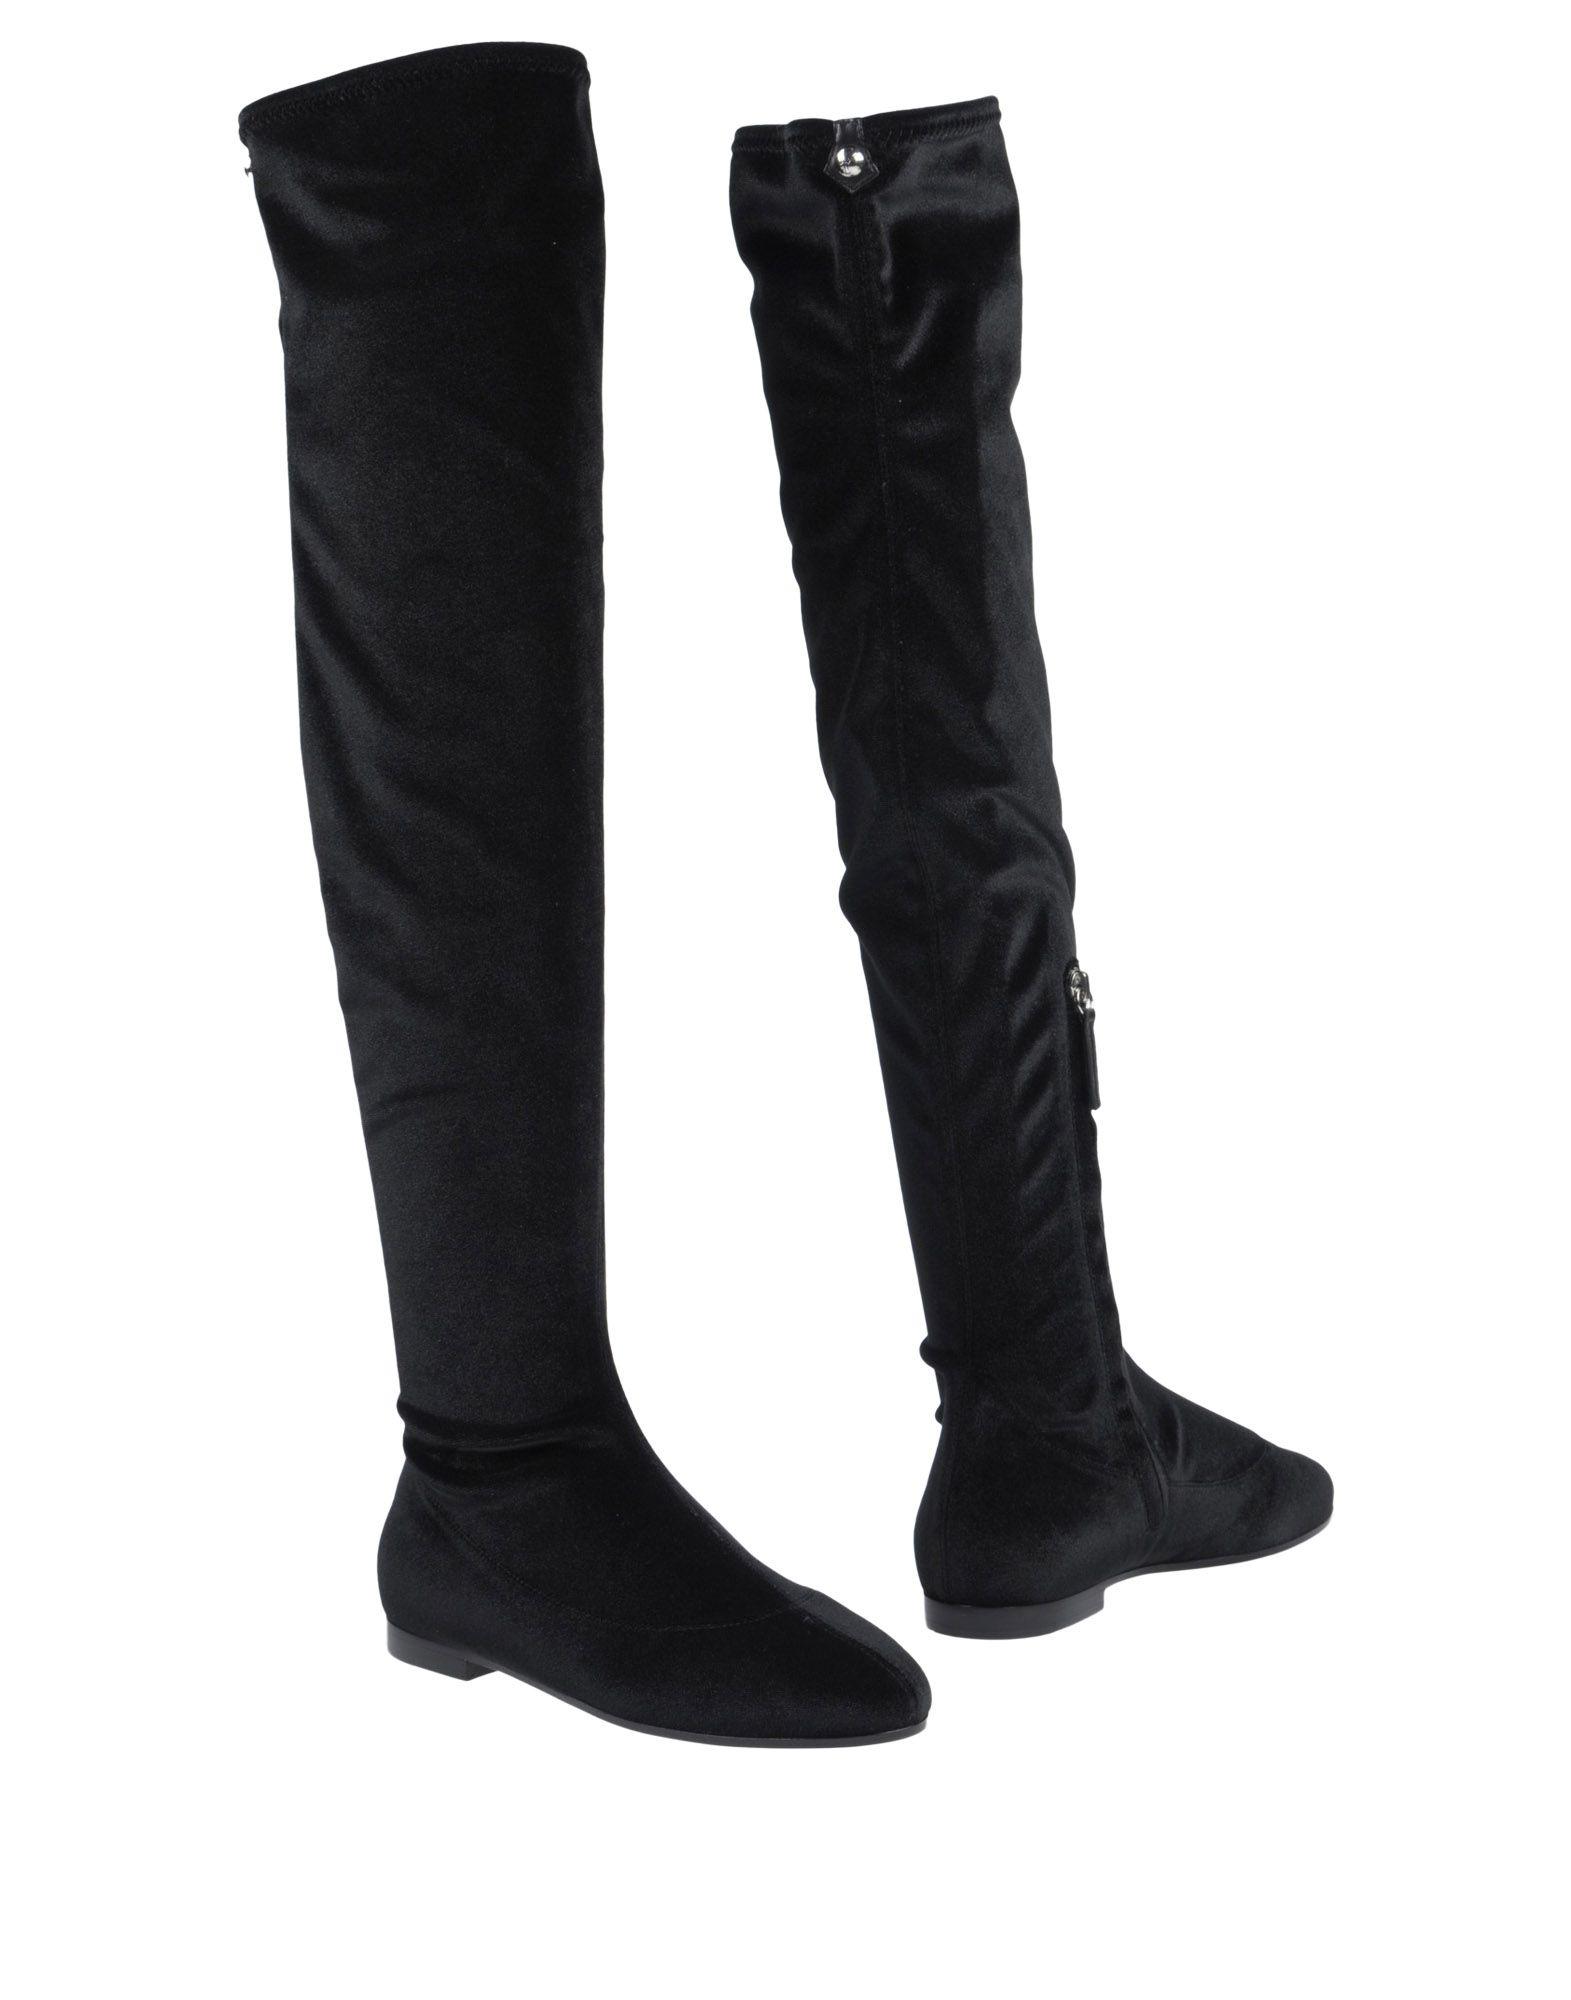 Giuseppe Giuseppe Zanotti Boots - Women Giuseppe Giuseppe Zanotti Boots online on  Canada - 11445977CK fd53f1